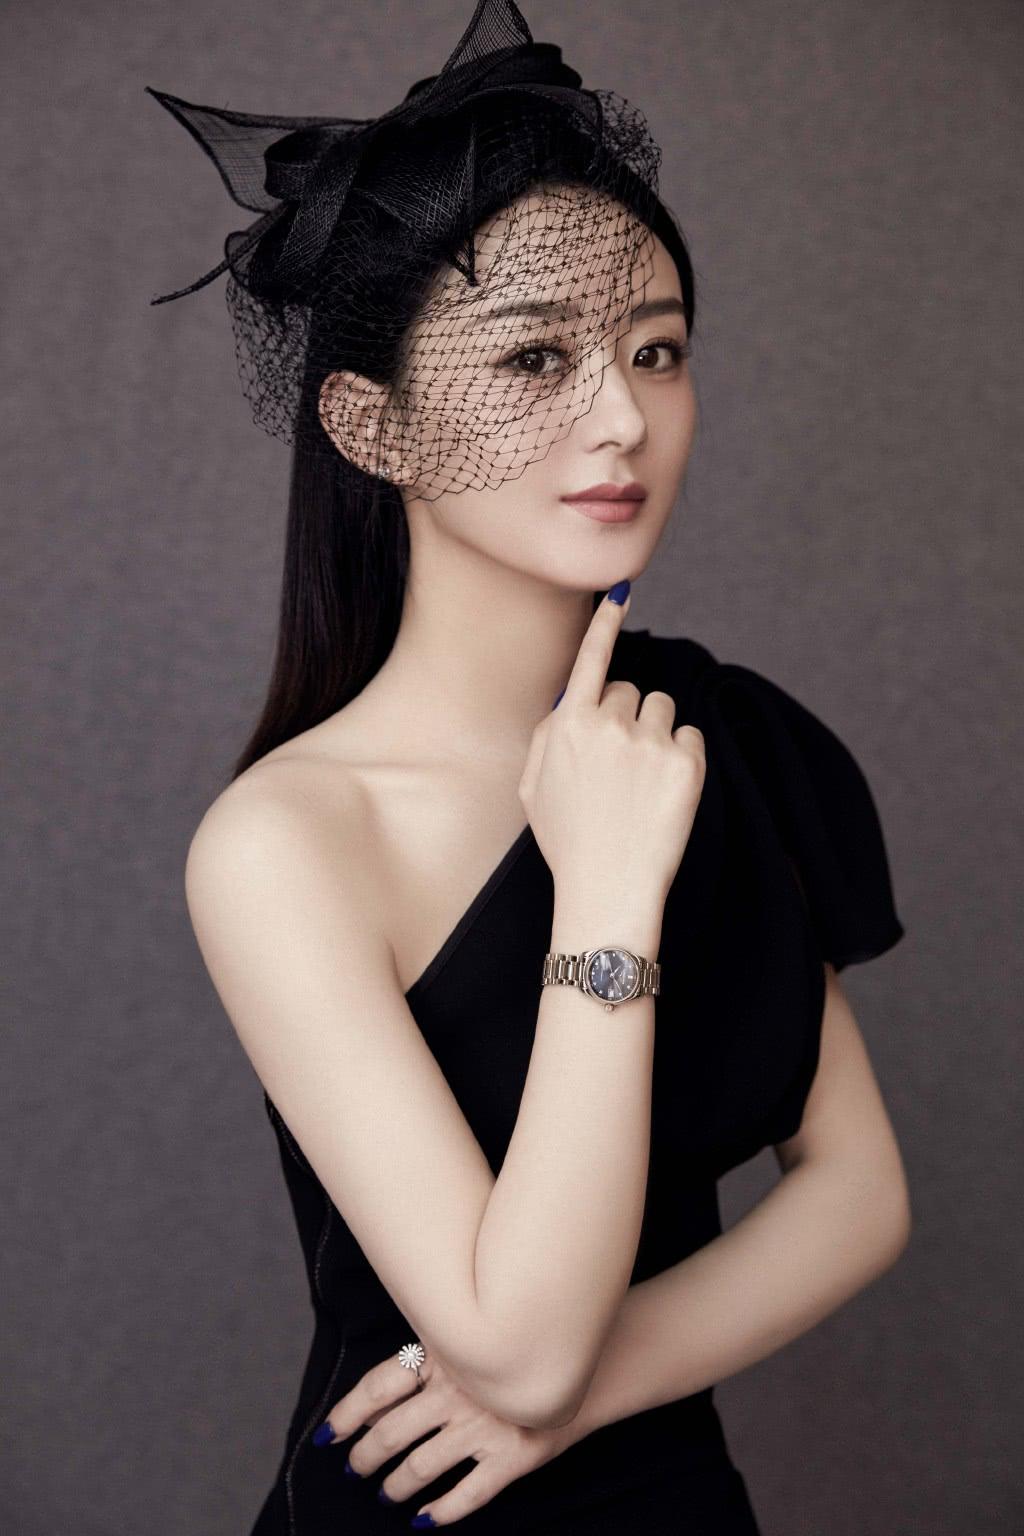 赵丽颖和杨幂,同为辣妈,挑战斜肩裙造型,到底谁更有范